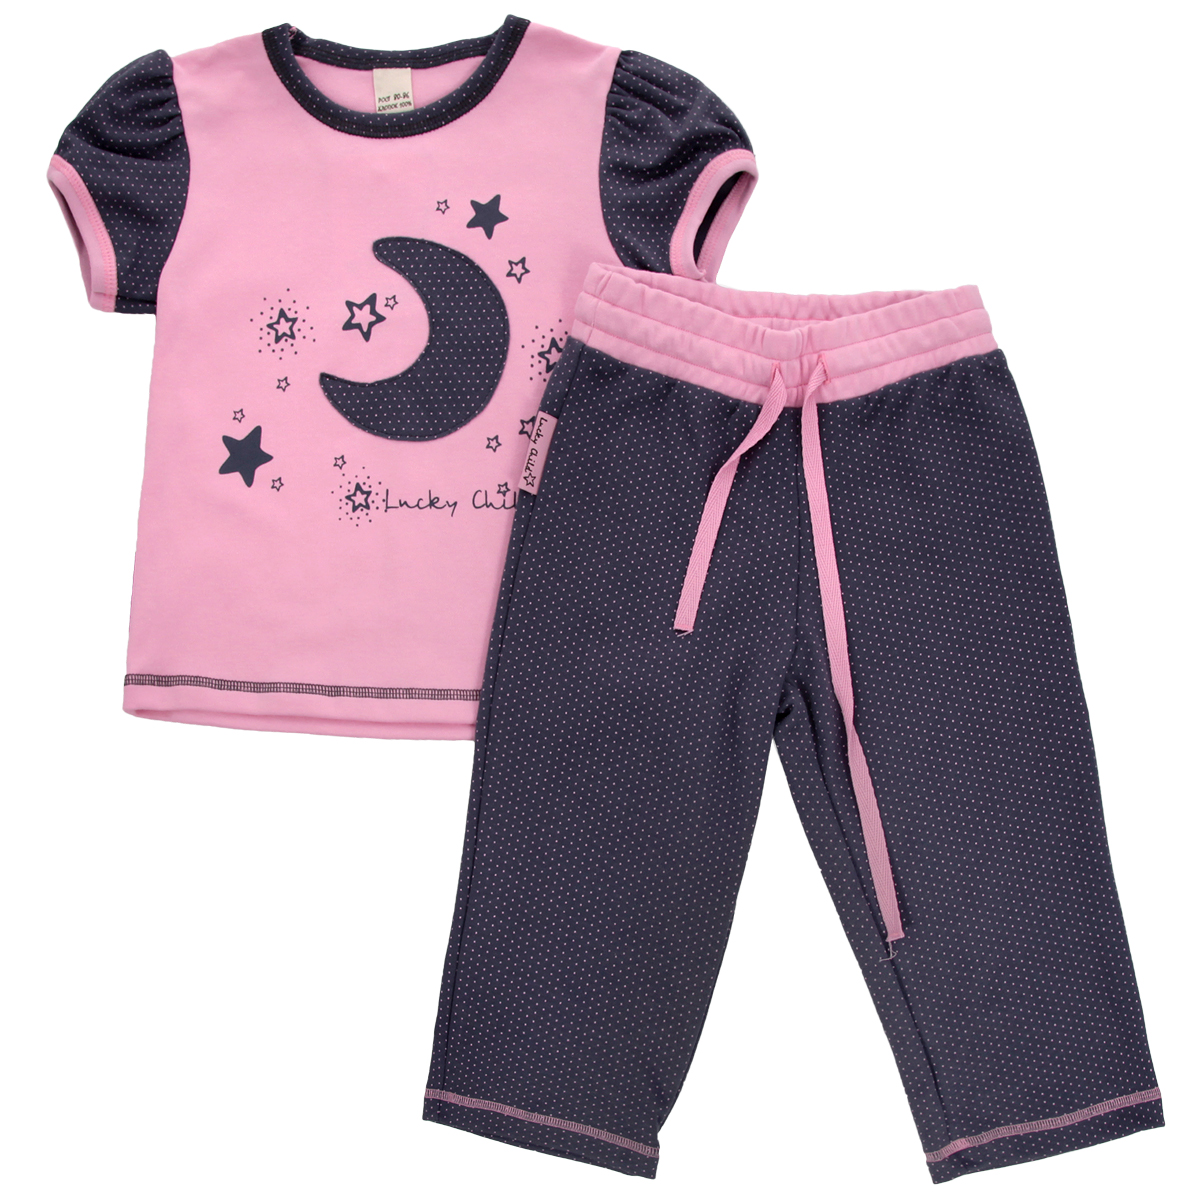 Пижама для девочки Lucky Child, цвет: серо-фиолетовый, розовый. 12-403. Размер 86/9212-403Очаровательная пижама для девочки Lucky Child, состоящая из футболки и брюк, идеально подойдет вашей дочурке и станет отличным дополнением к детскому гардеробу. Изготовленная из натурального хлопка - интерлока, она необычайно мягкая и приятная на ощупь, не раздражает нежную кожу ребенка и хорошо вентилируется, а эластичные швы приятны телу и не препятствуют его движениям.Футболка с короткими рукавами-фонариками и круглым вырезом горловины оформлена оригинальной аппликацией в виде месяца, а также принтом с изображением звездочек и названием бренда. Горловина и рукава оформлены мелким гороховым принтом. Низ изделия оформлен контрастной фигурной прострочкой. Брюки прямого кроя на талии имеют широкий эластичный пояс со шнурком, благодаря чему они не сдавливают животик ребенка и не сползают. Оформлены брюки мелким гороховым принтом. Такая пижама идеально подойдет вашей дочурке, а мягкие полотна позволят ей комфортно чувствовать себя во время сна!